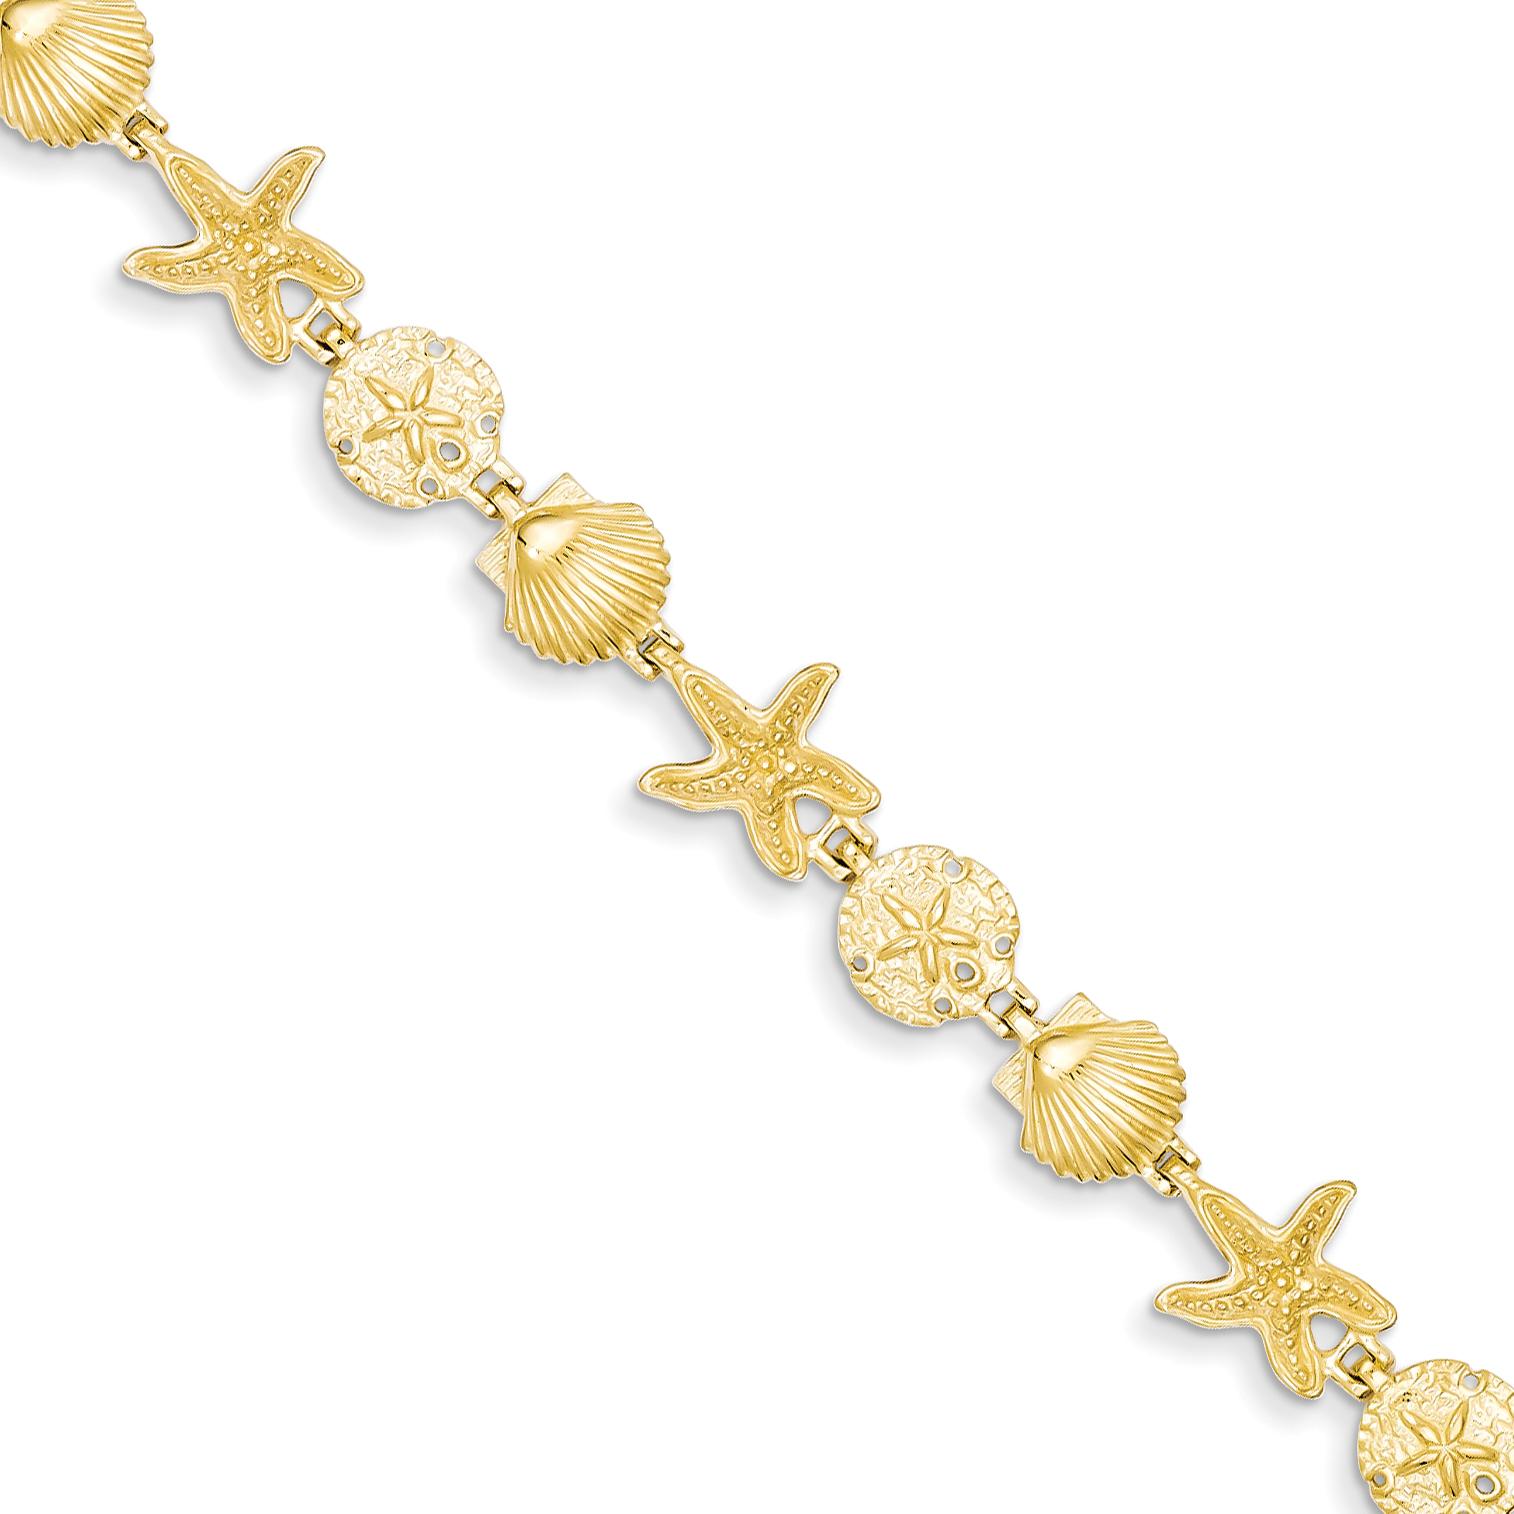 Core Gold 14k Seashell Theme Bracelet